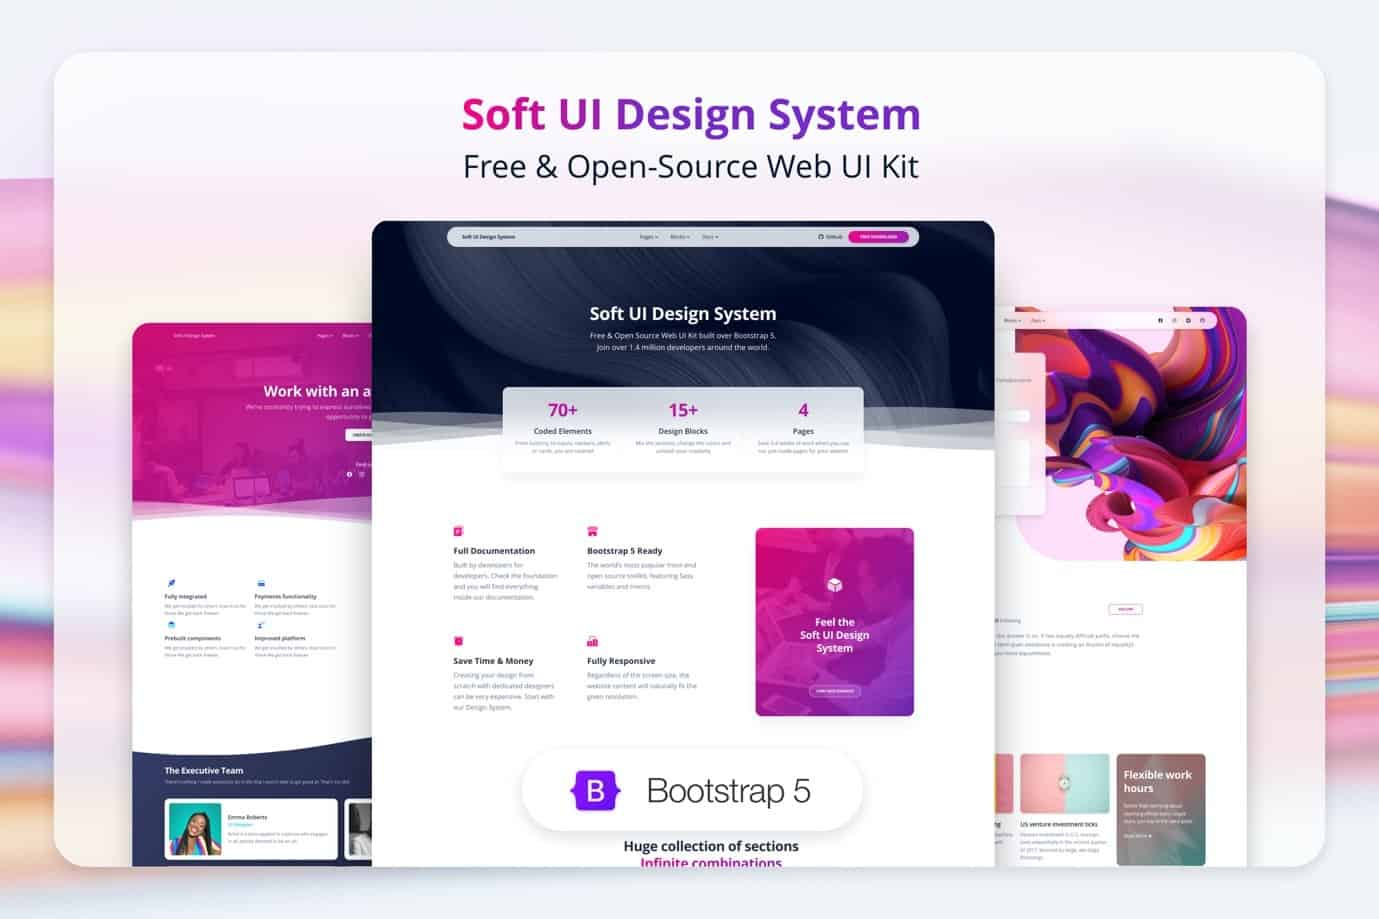 Soft UI Design System